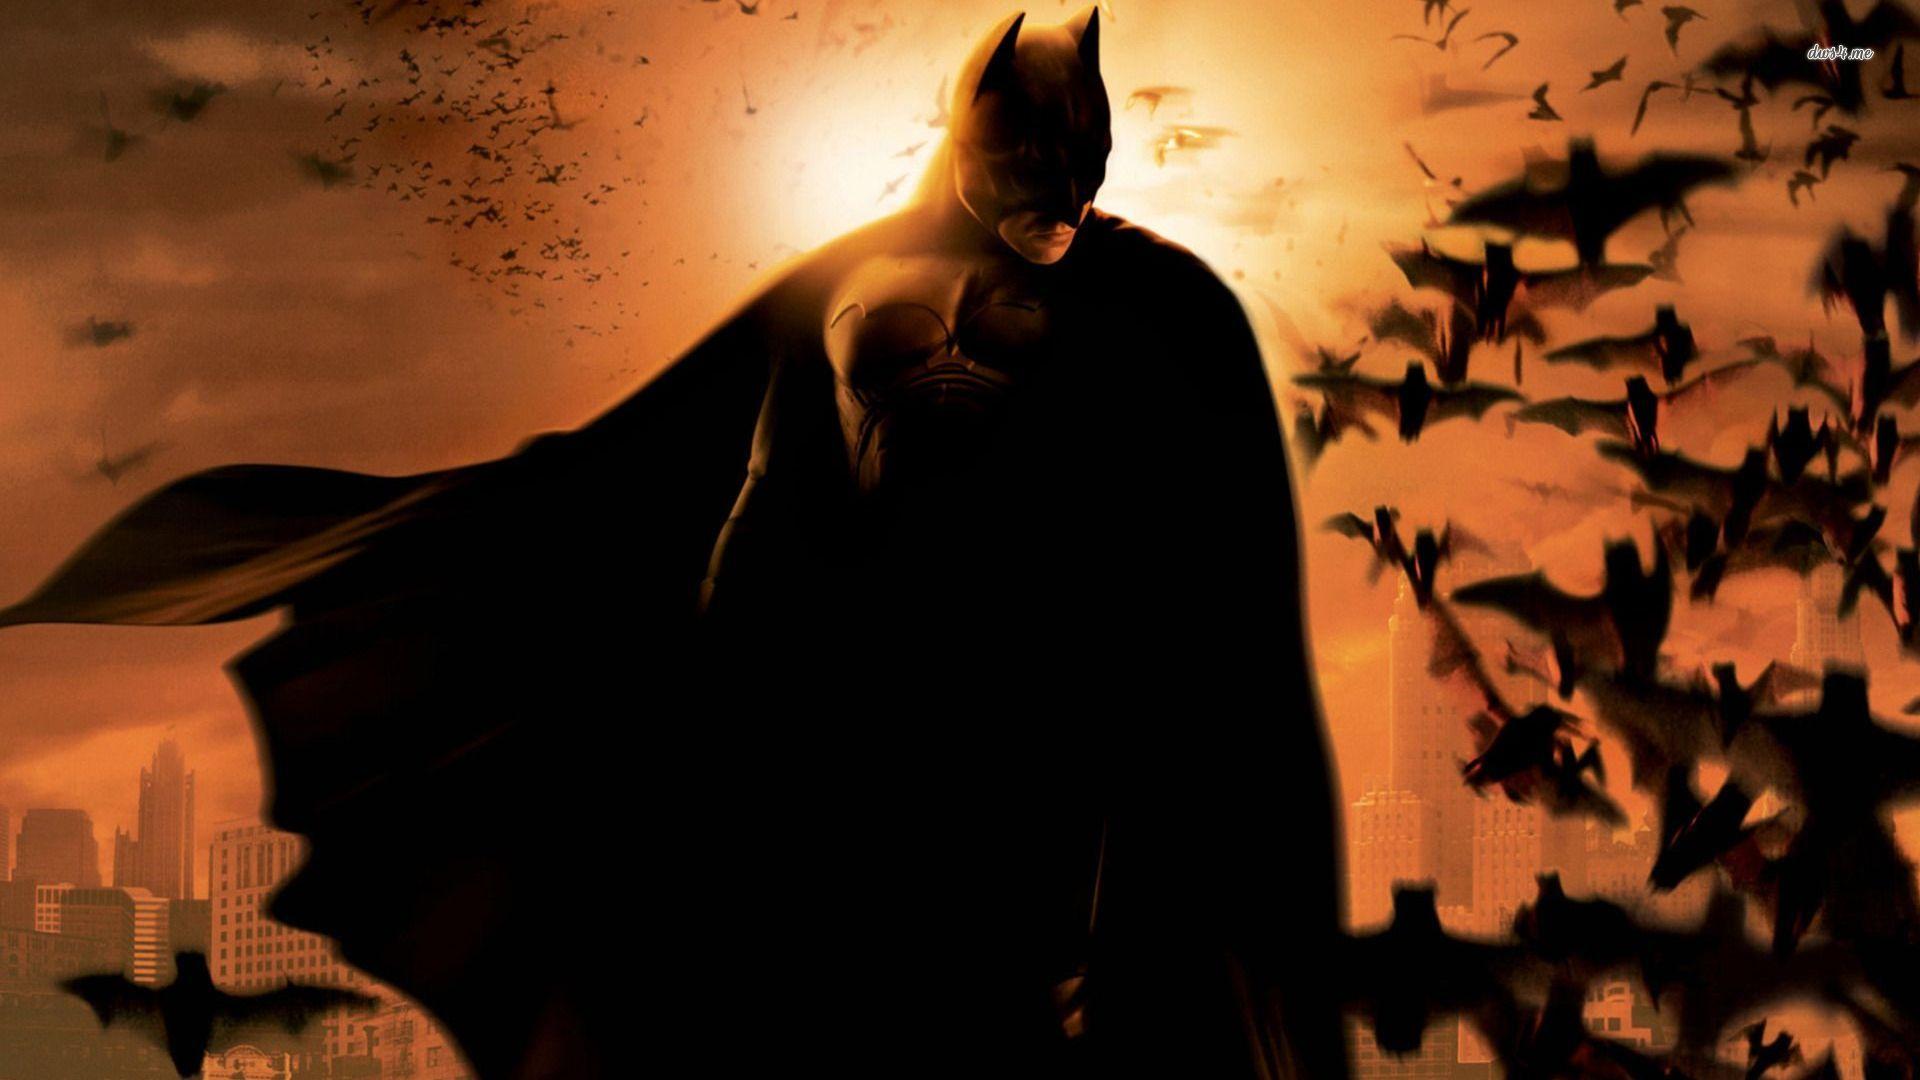 Batman Movie HD Wallpaper 1920x1080